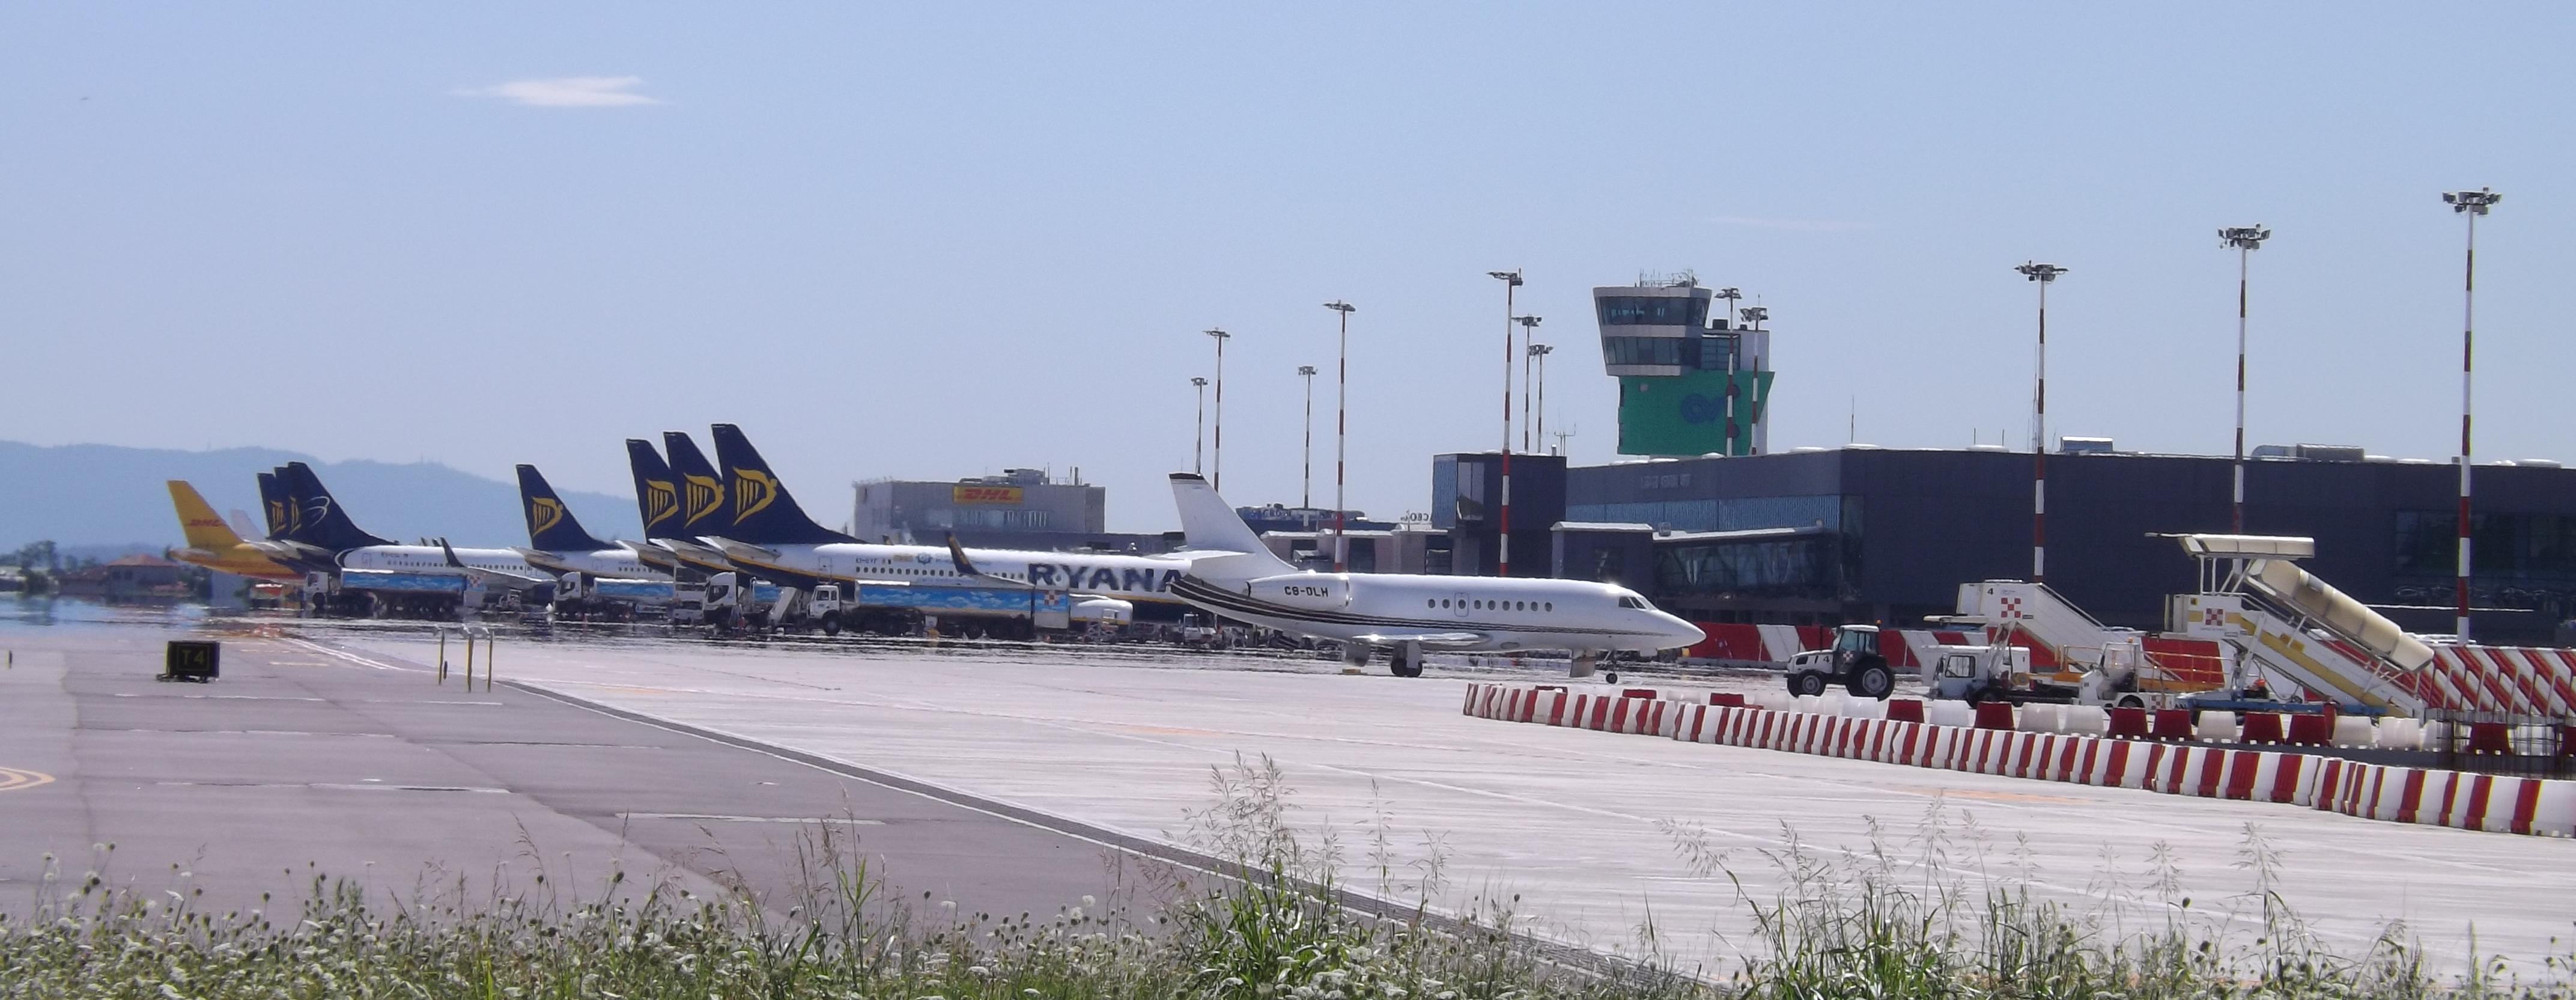 Aeroporto Orio Al Serio : Pubblicità aeroporto di bergamo orio al serio il caravaggio